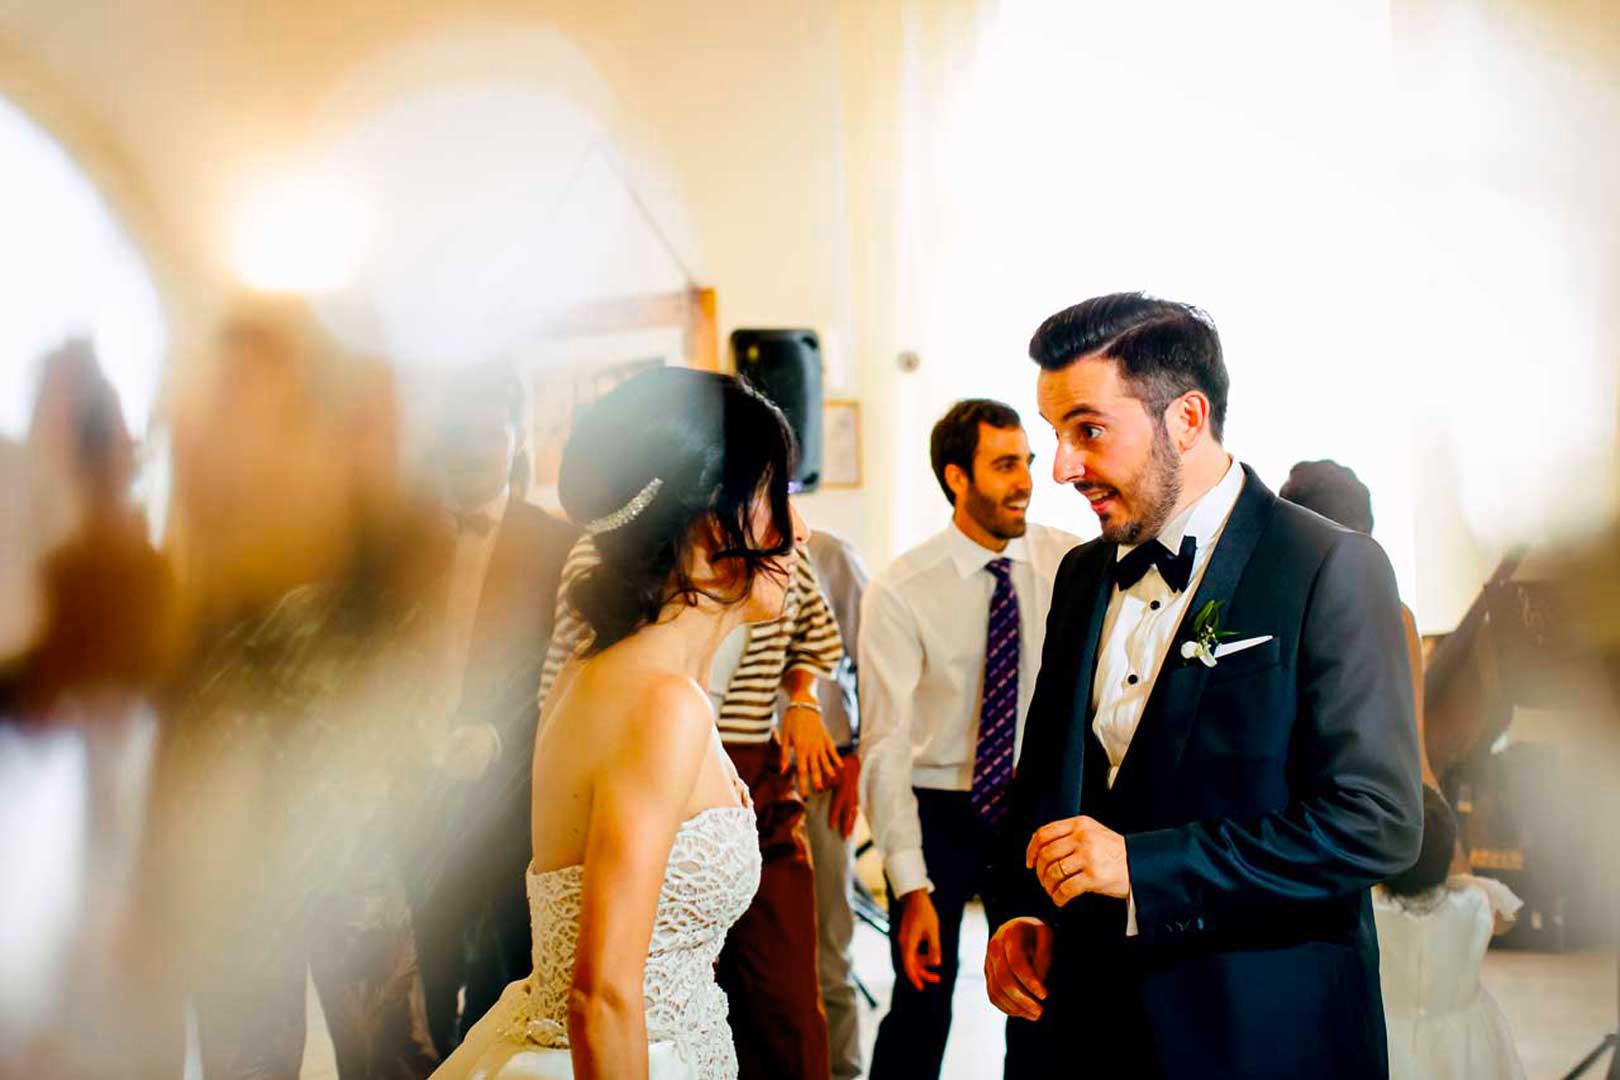 029-balli-matrimonio-gianni-lepore-fotografo